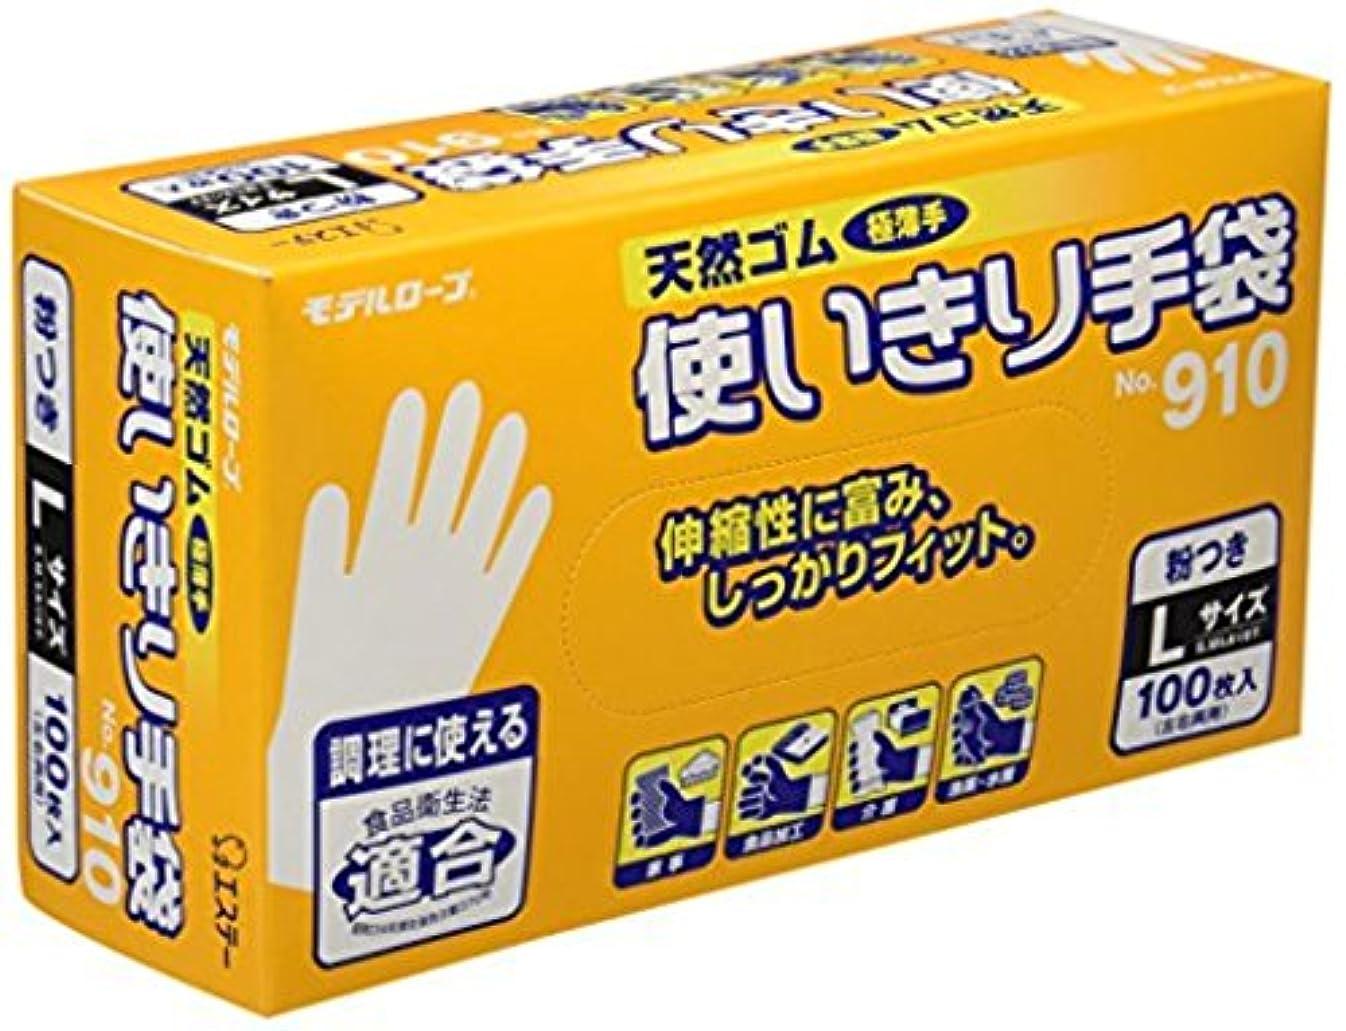 重量主くつろぎ(まとめ買い)エステー 天然ゴム使い切り手袋 No.910 L 【×3セット】